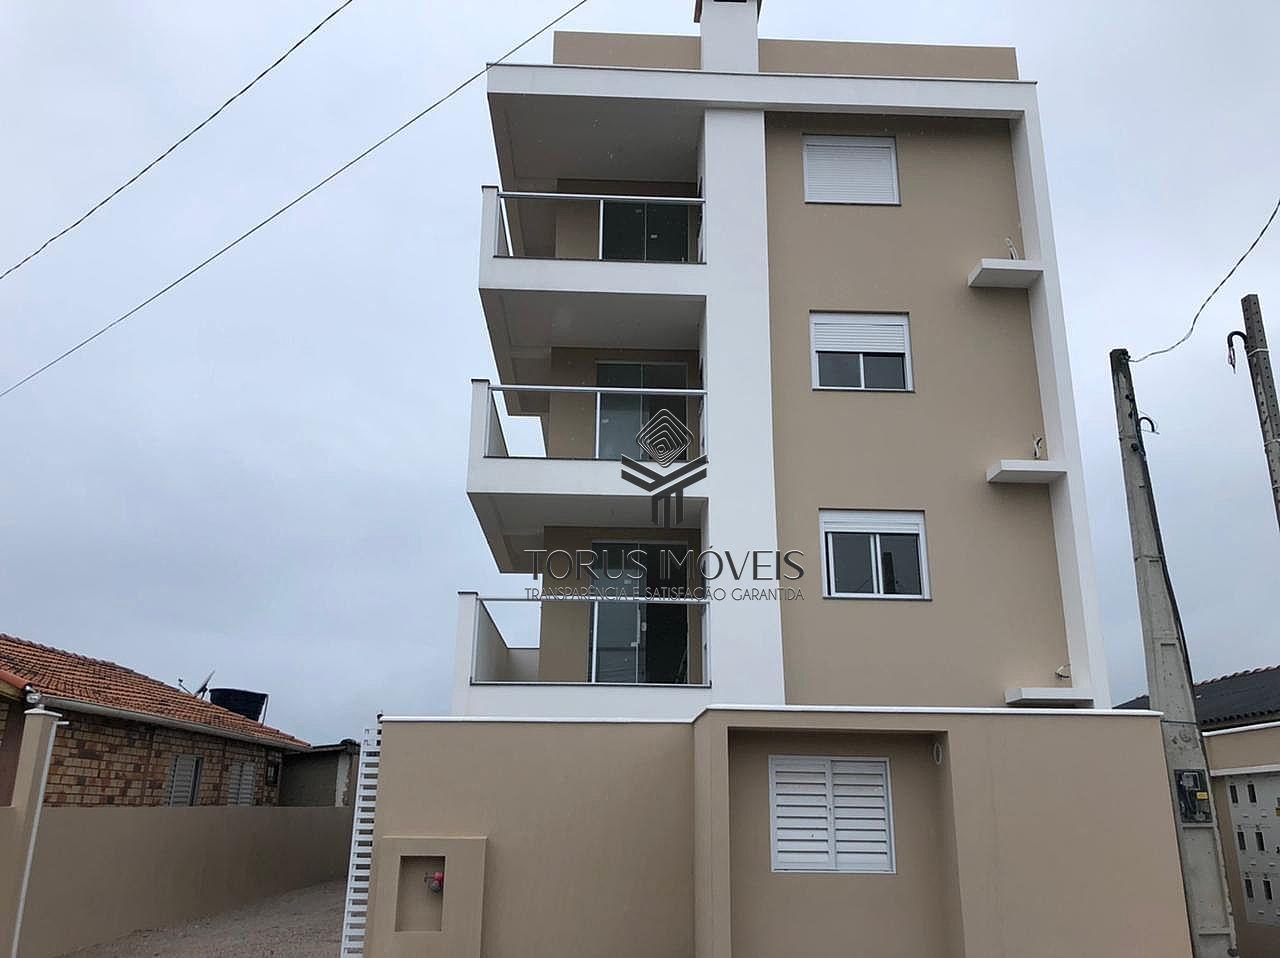 Apartamento para Venda - Vila Nova Alvorada/Divinéia - Imbituba/SC - Residencial Costa do Porto